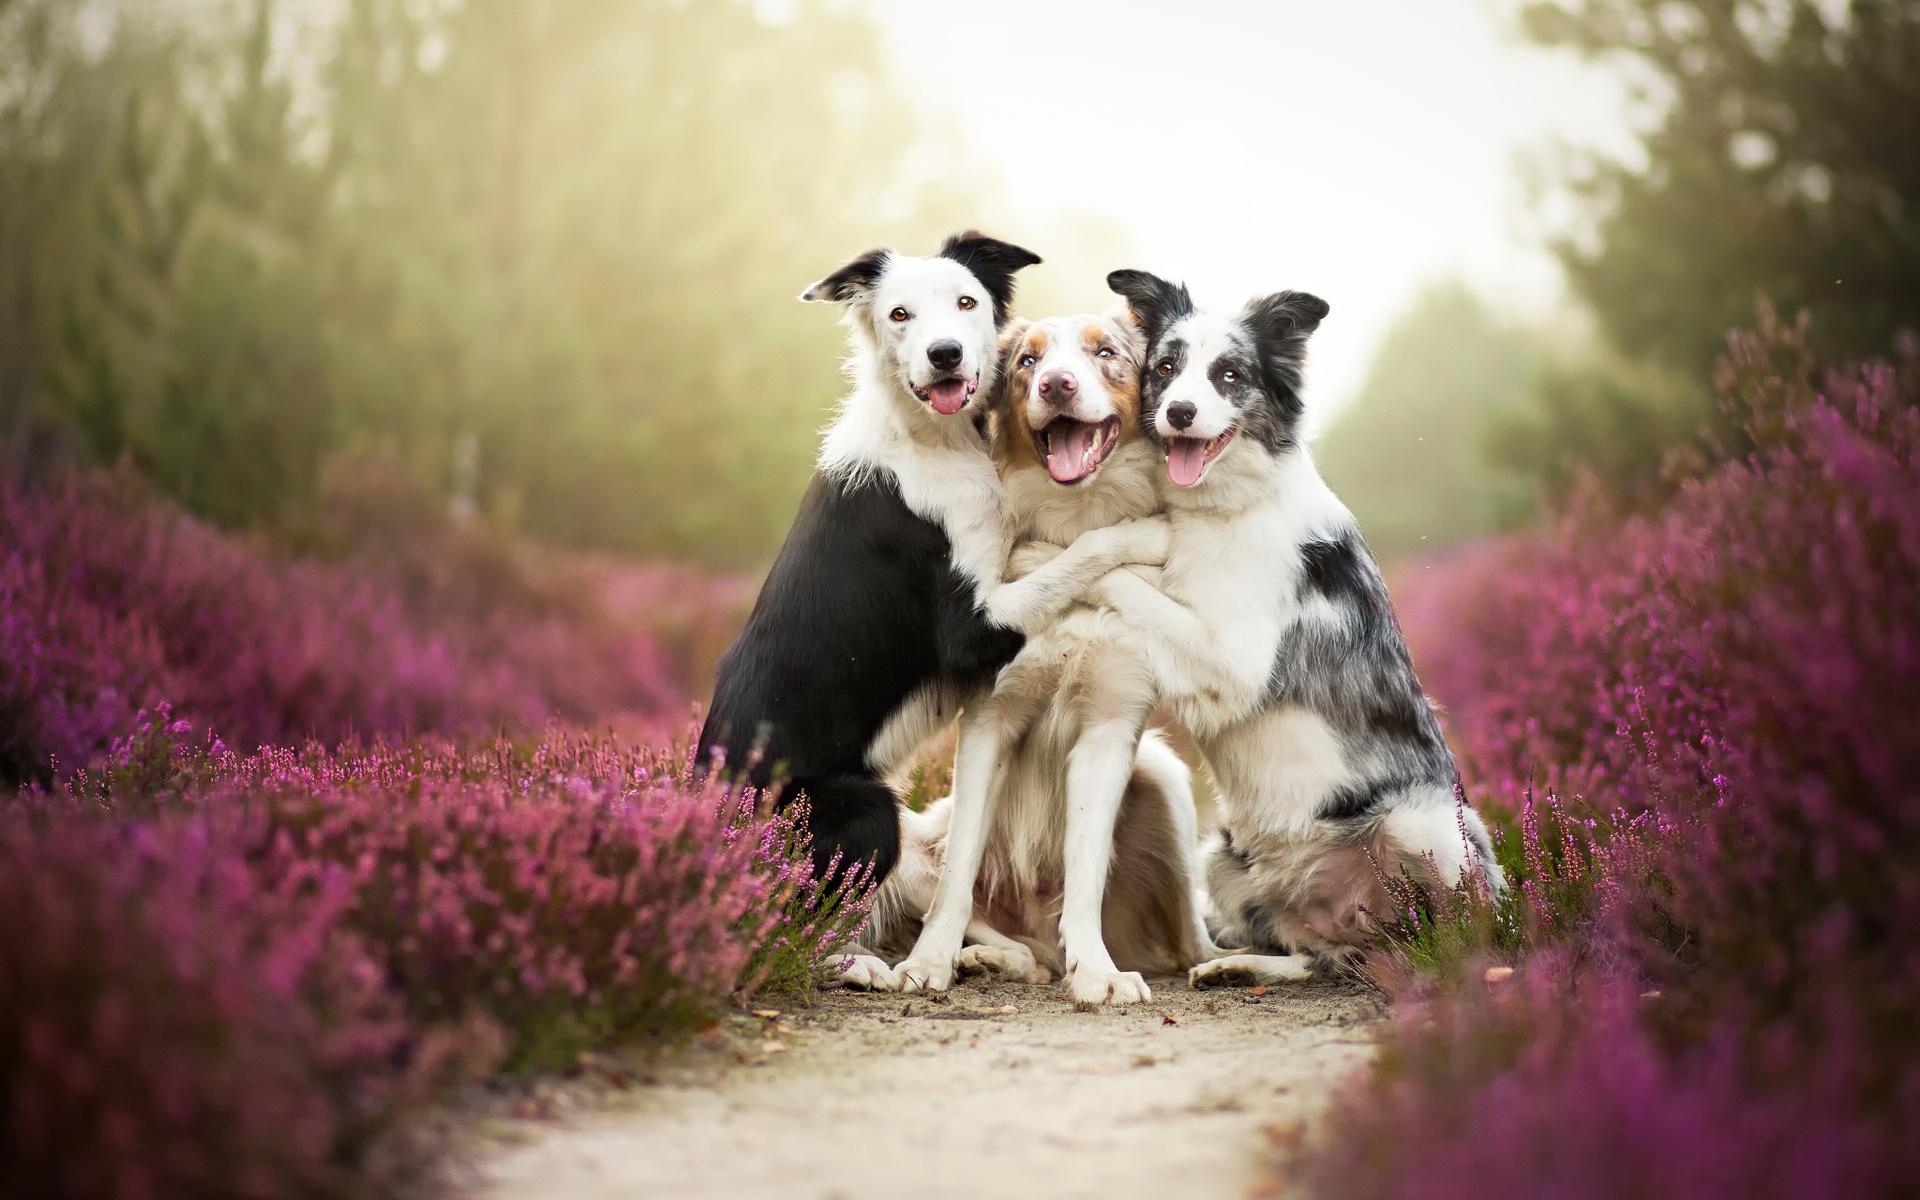 него зависит, самые лучшие картинки с собаками они очень понравятся